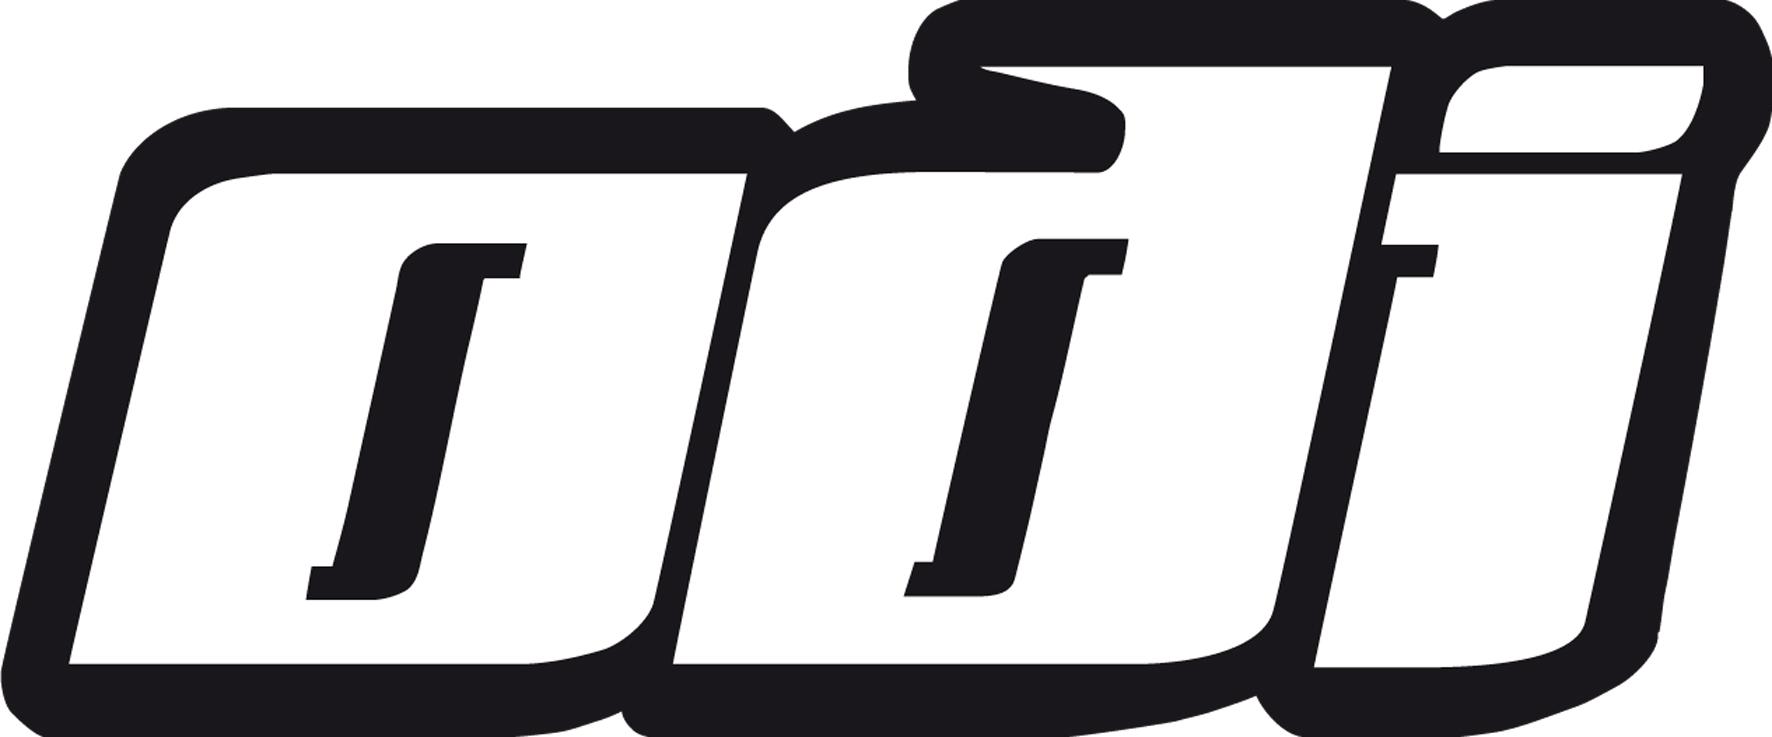 ODI GRIPS - BIKE BMX